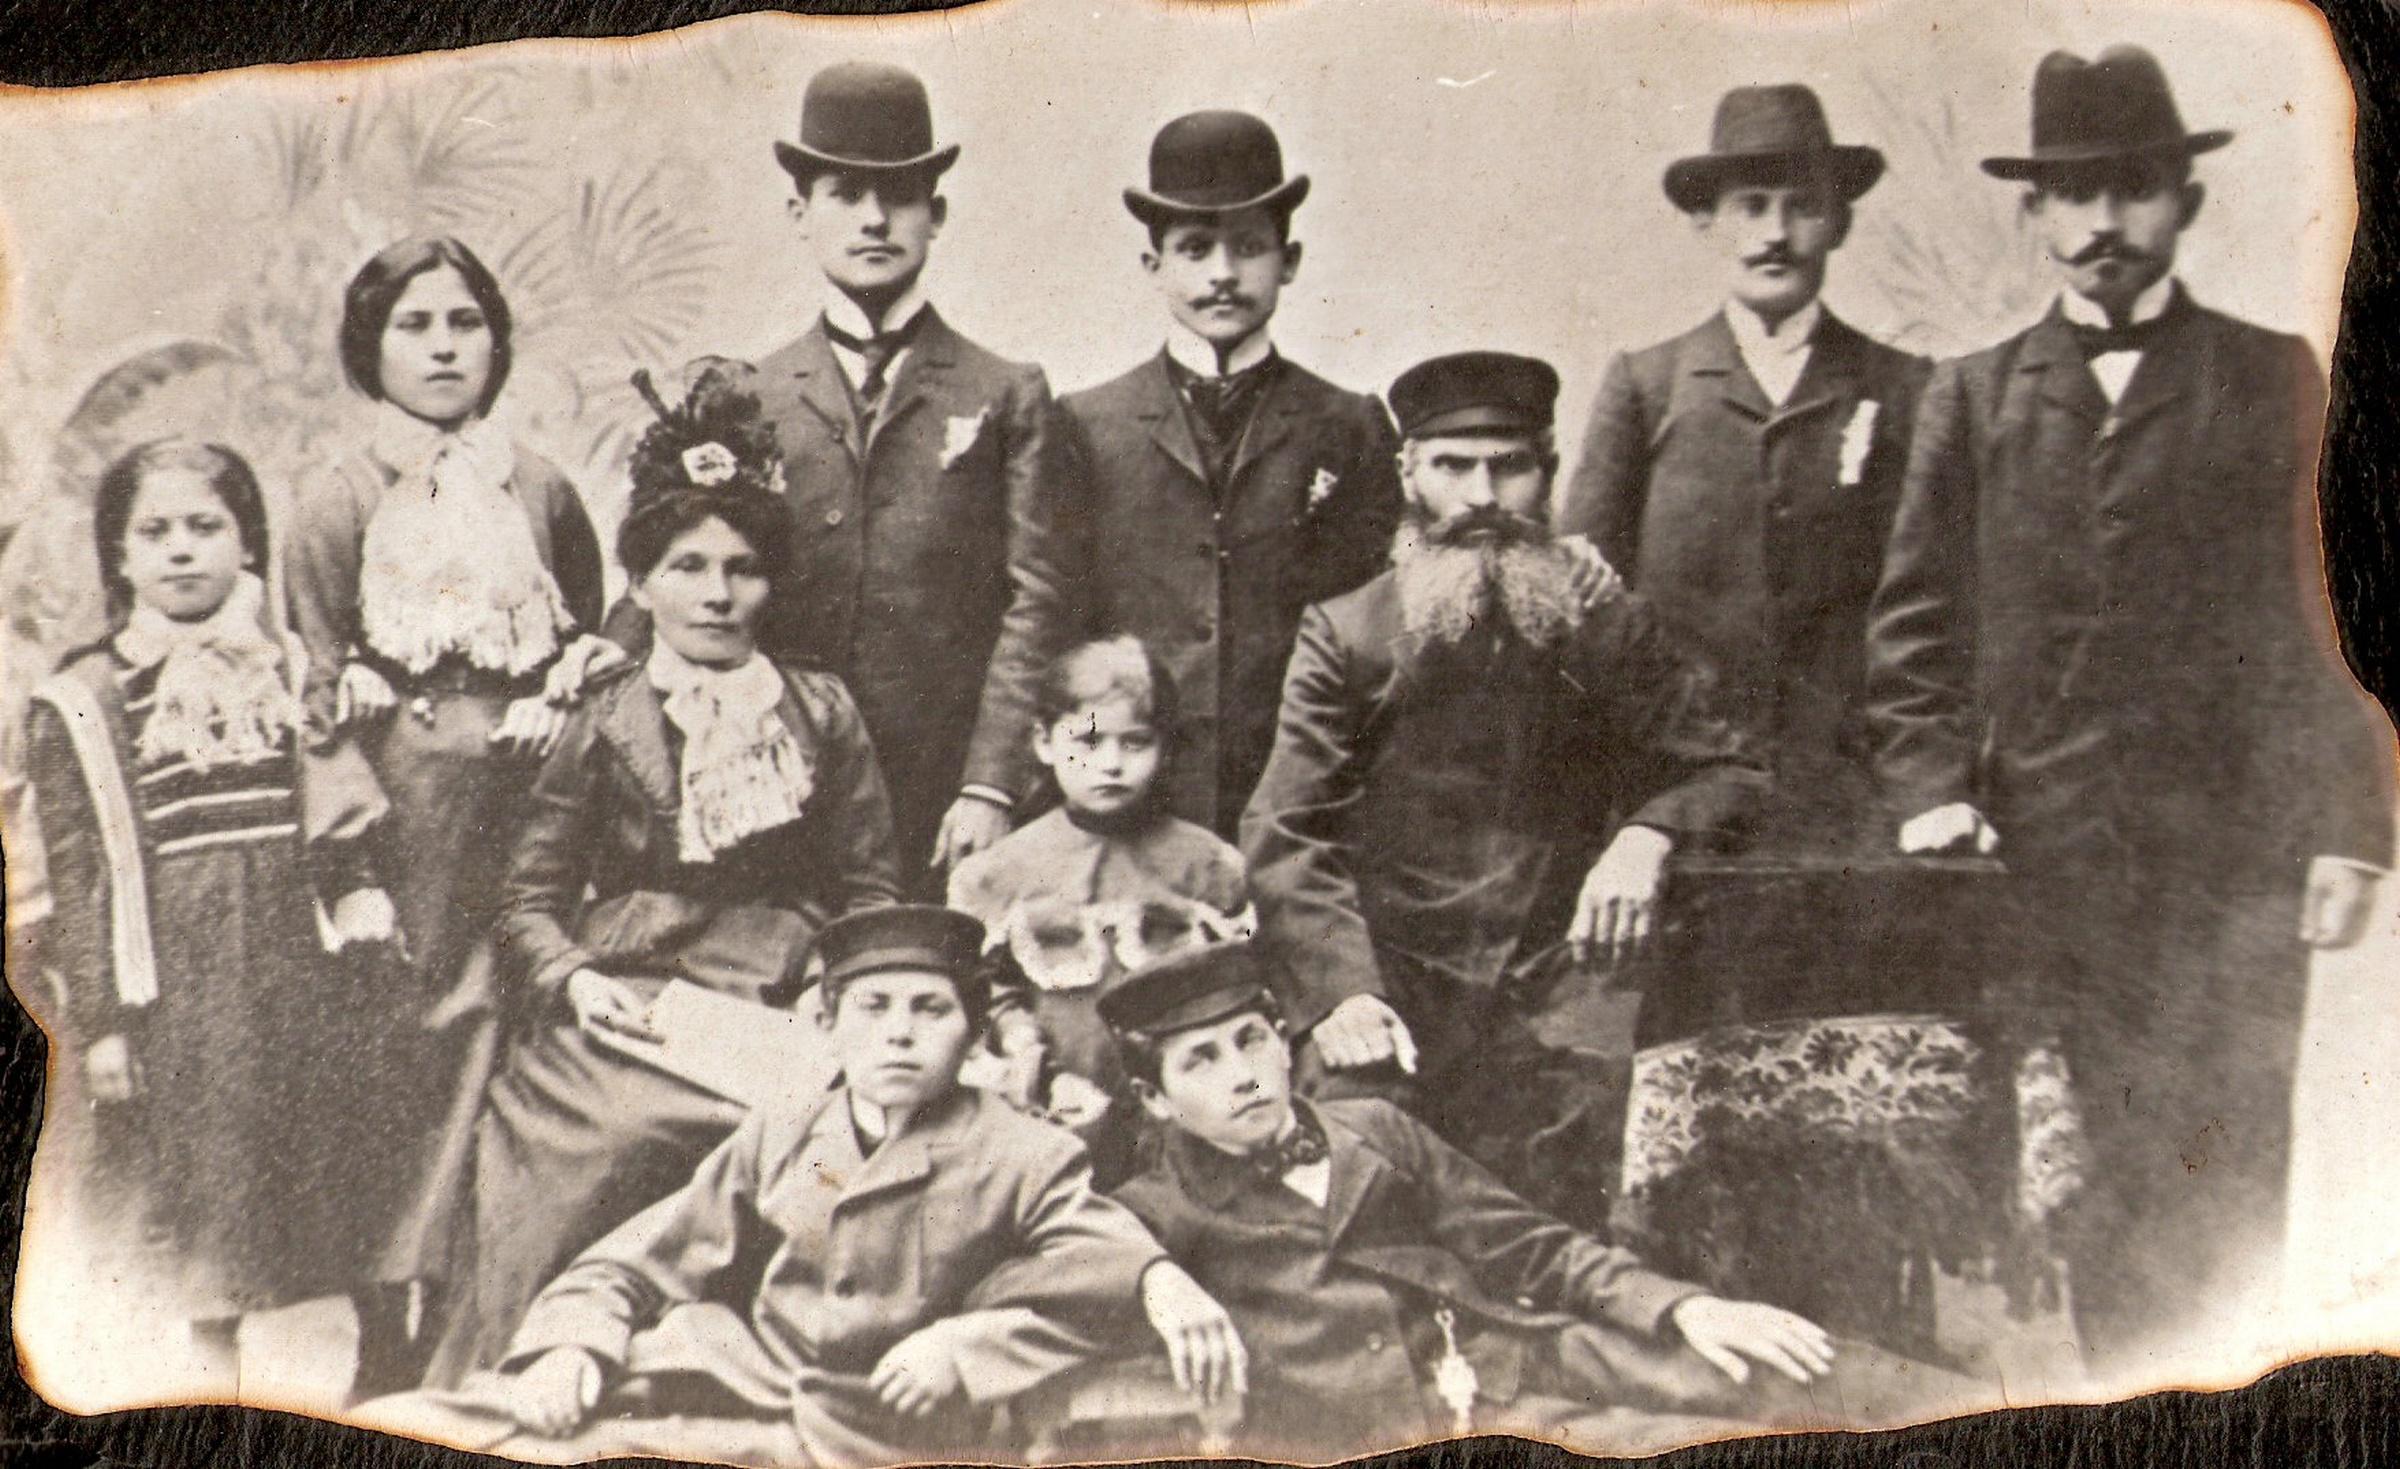 The Koryto family, Jewish Plock